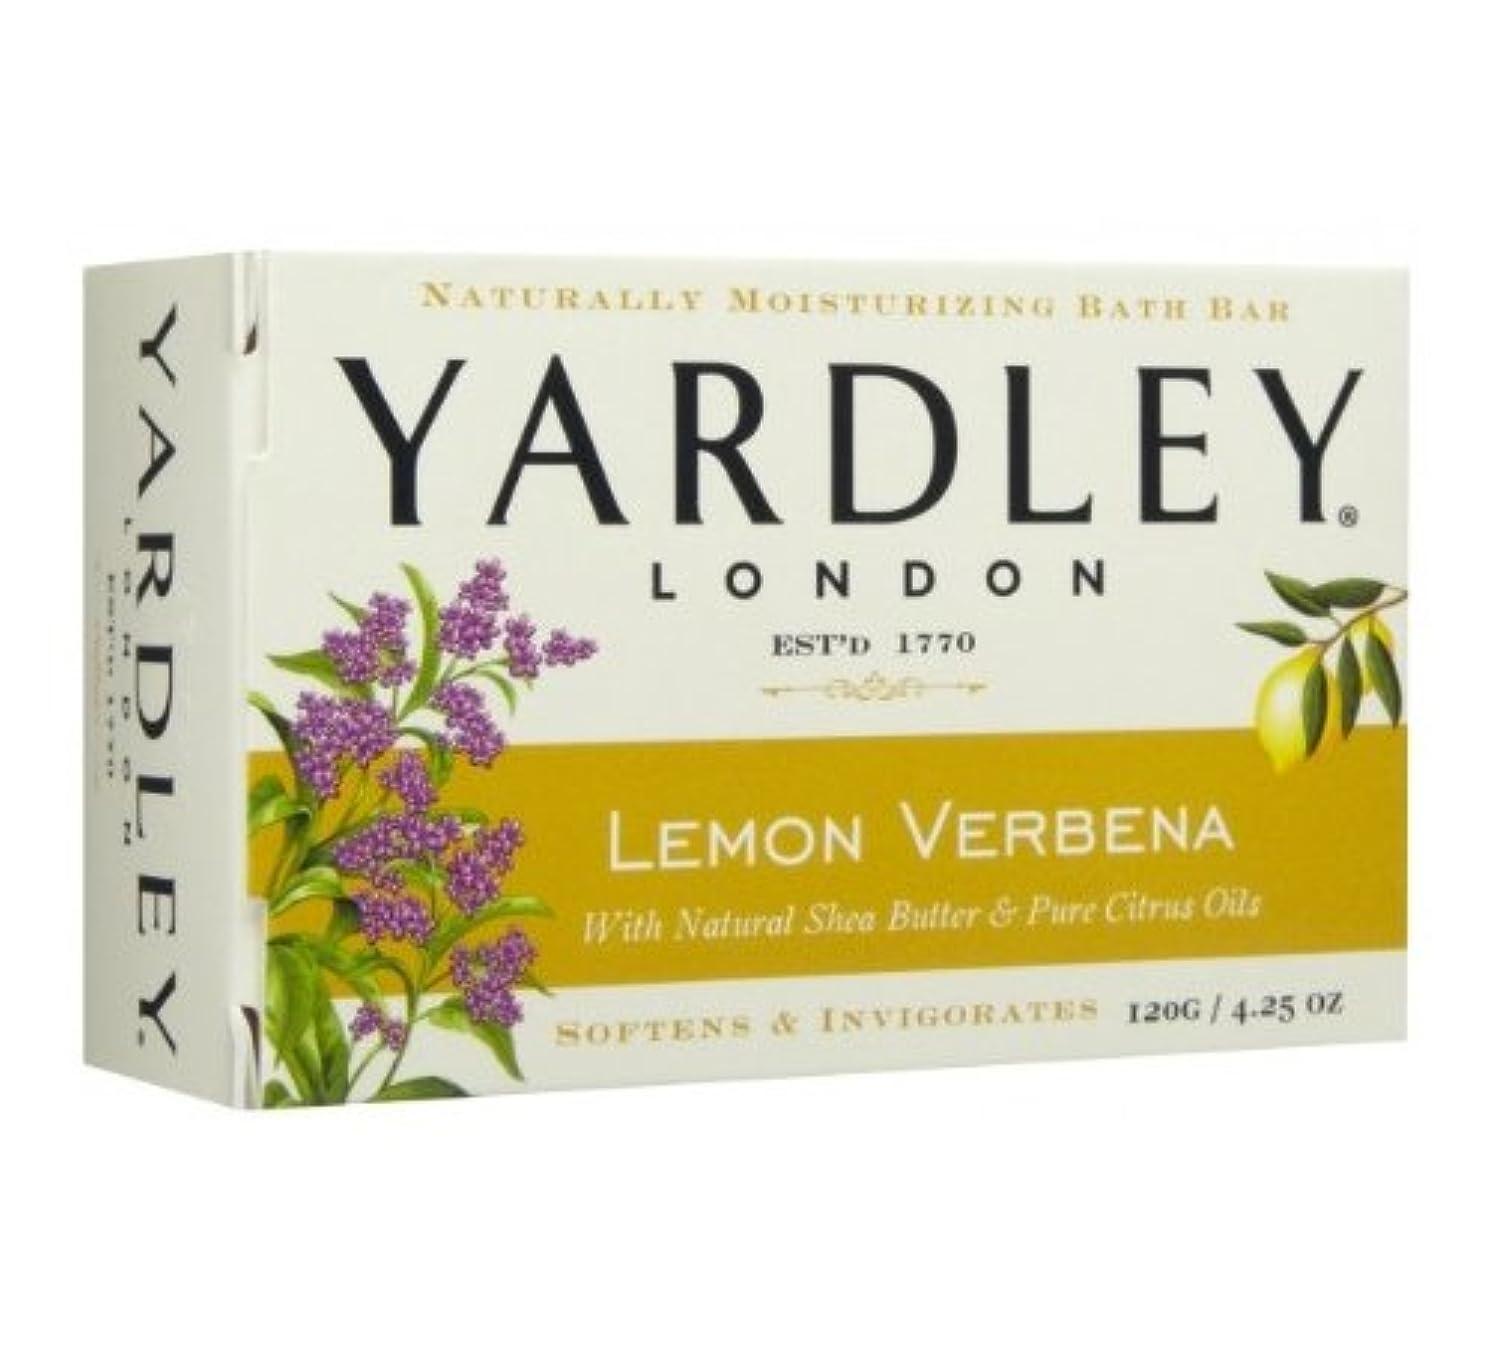 一時停止居眠りする隔離【2個 ハワイ直送品】Yardley London Lemon Verbena Moisturizing Bath Bar ヤードリー レモンバーベナ ソープ 120g